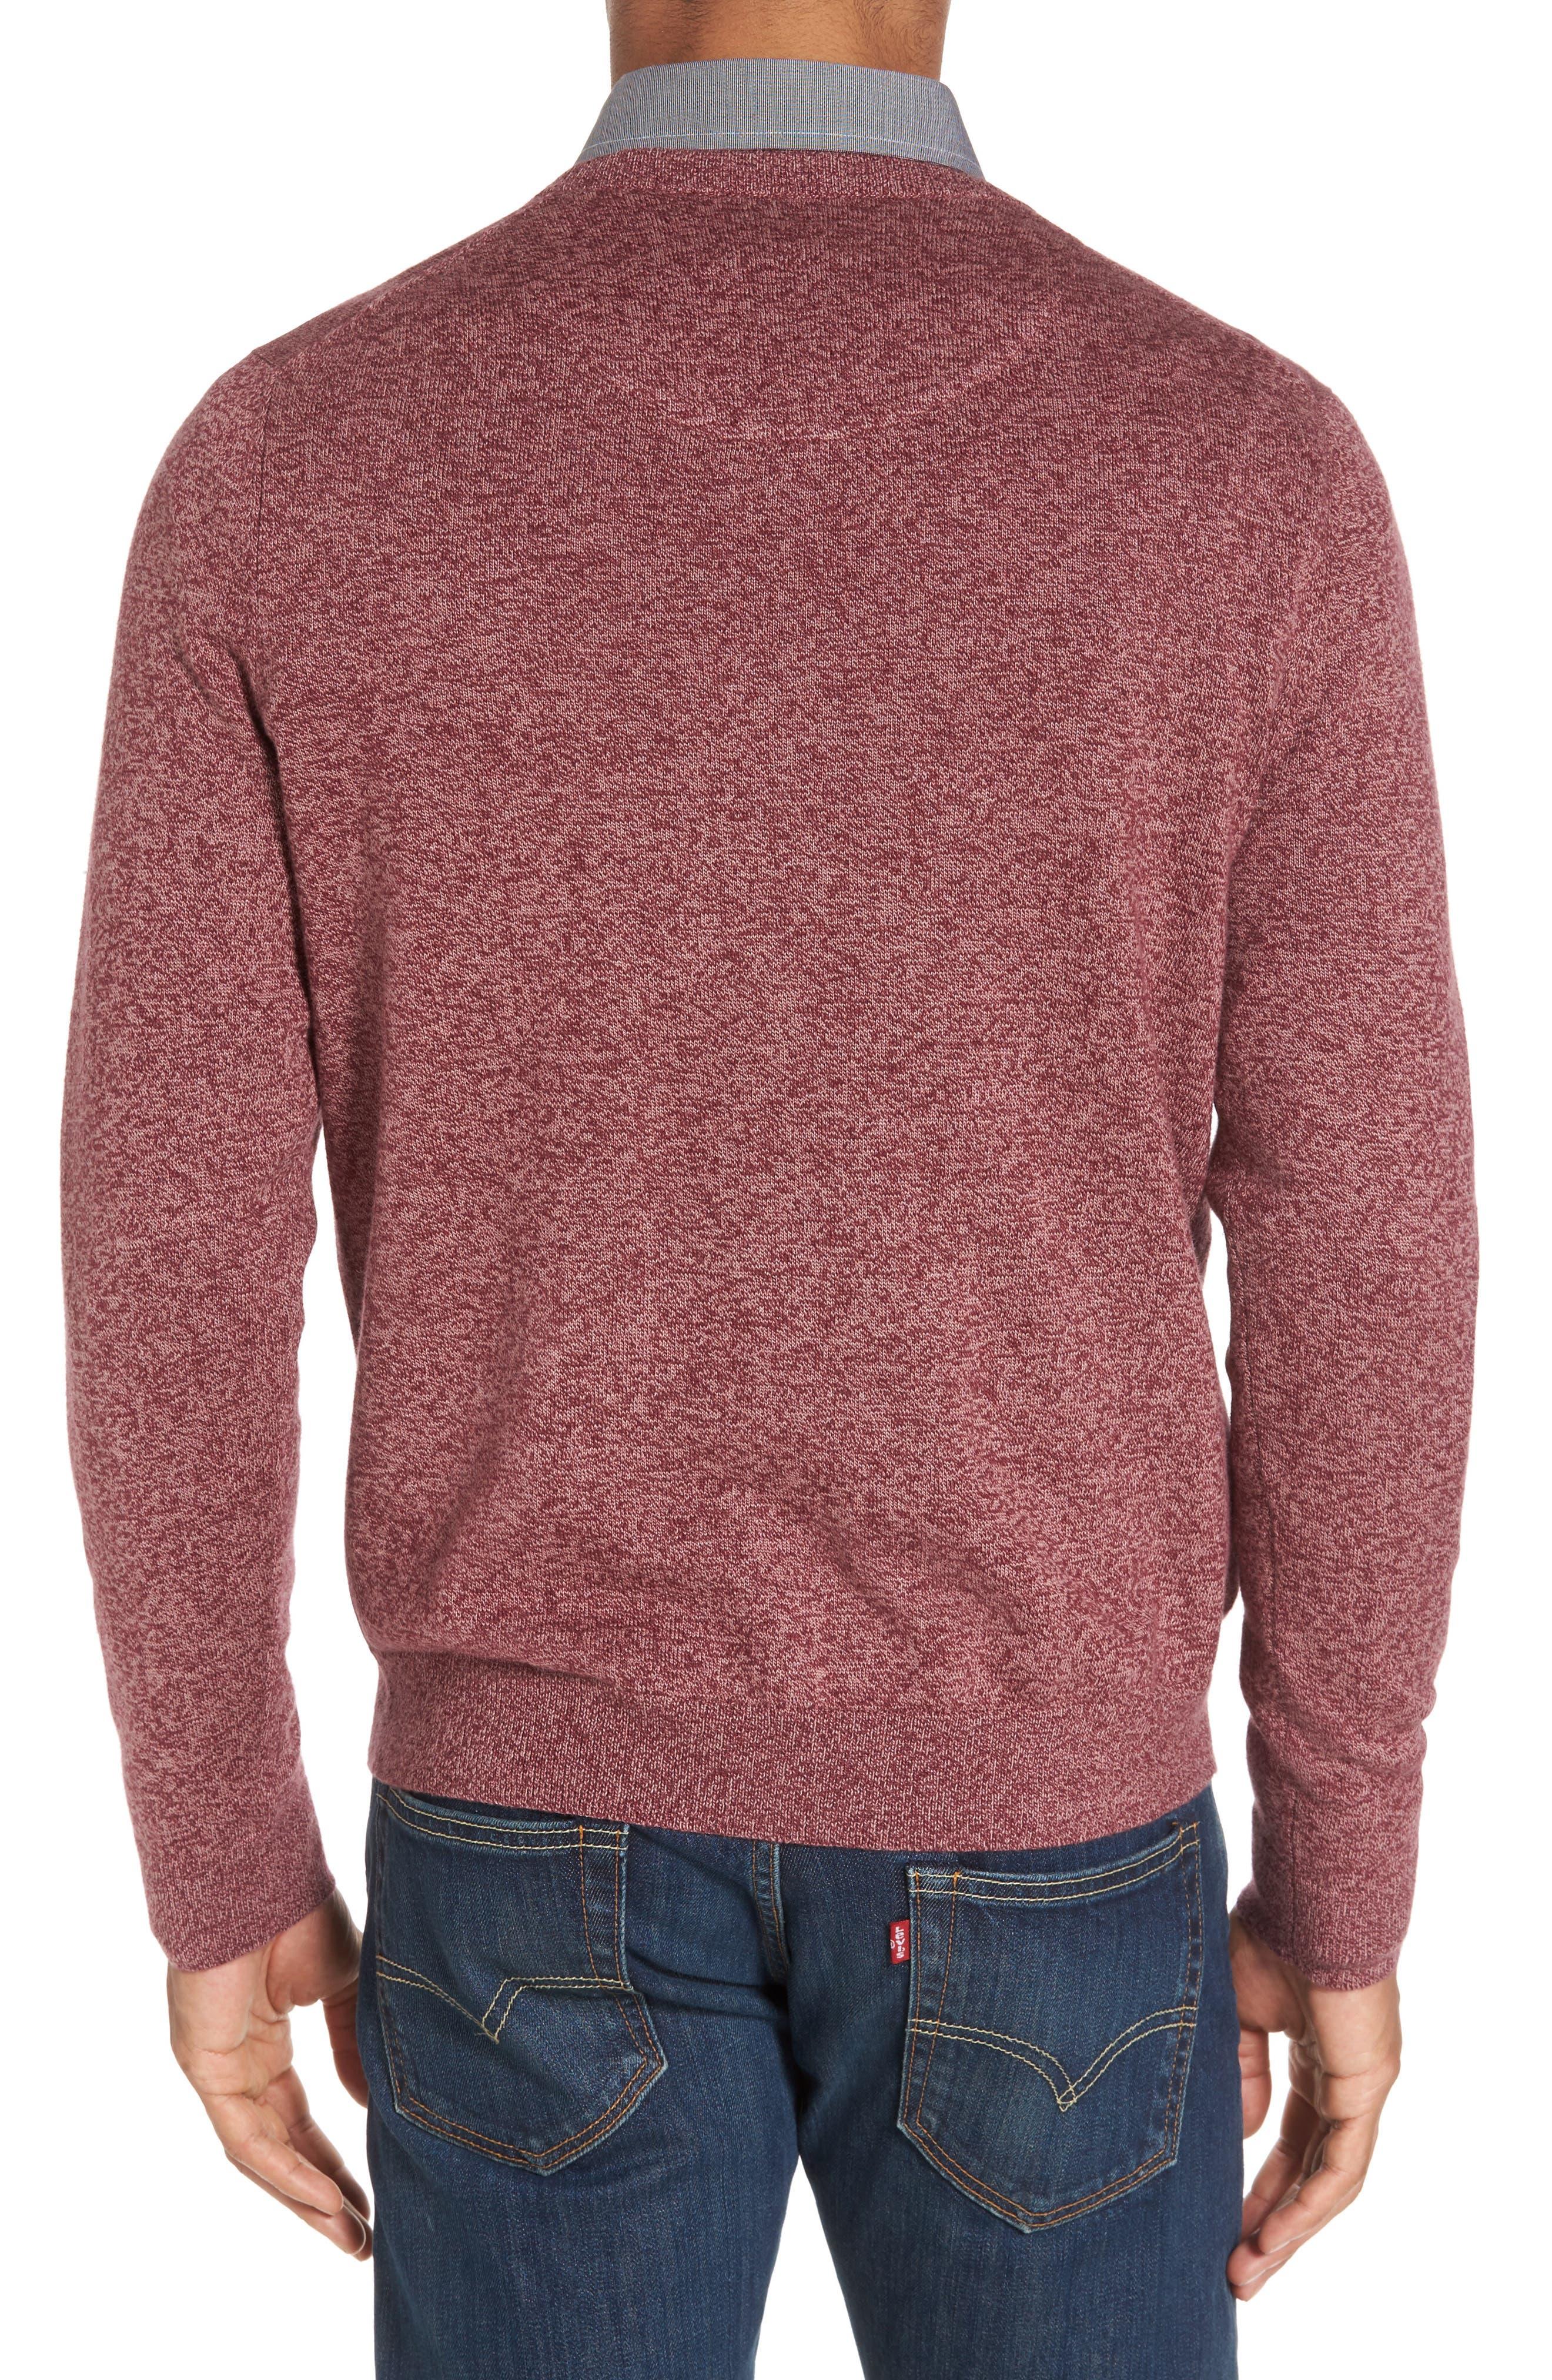 Alternate Image 2  - Nordstrom Men's Shop Cotton & Cashmere V-Neck Sweater (Regular & Tall)